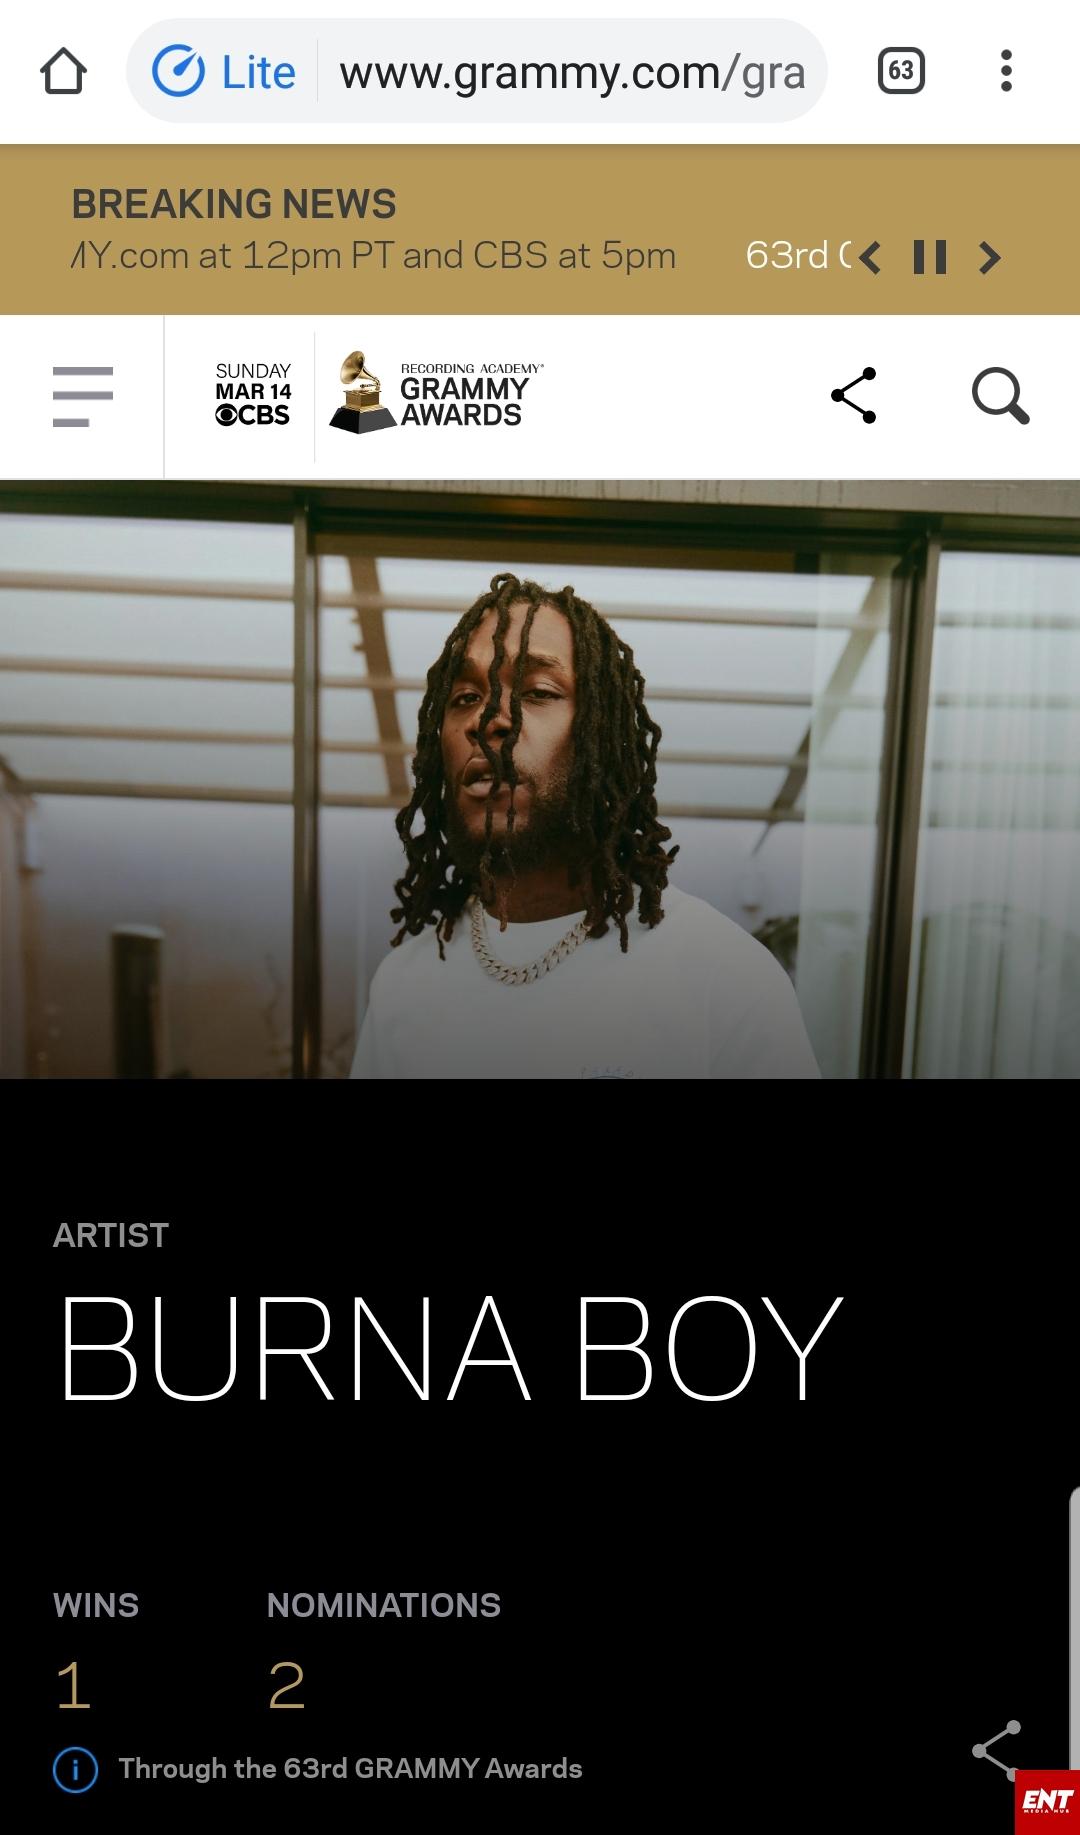 Burna Boy's #Grammy